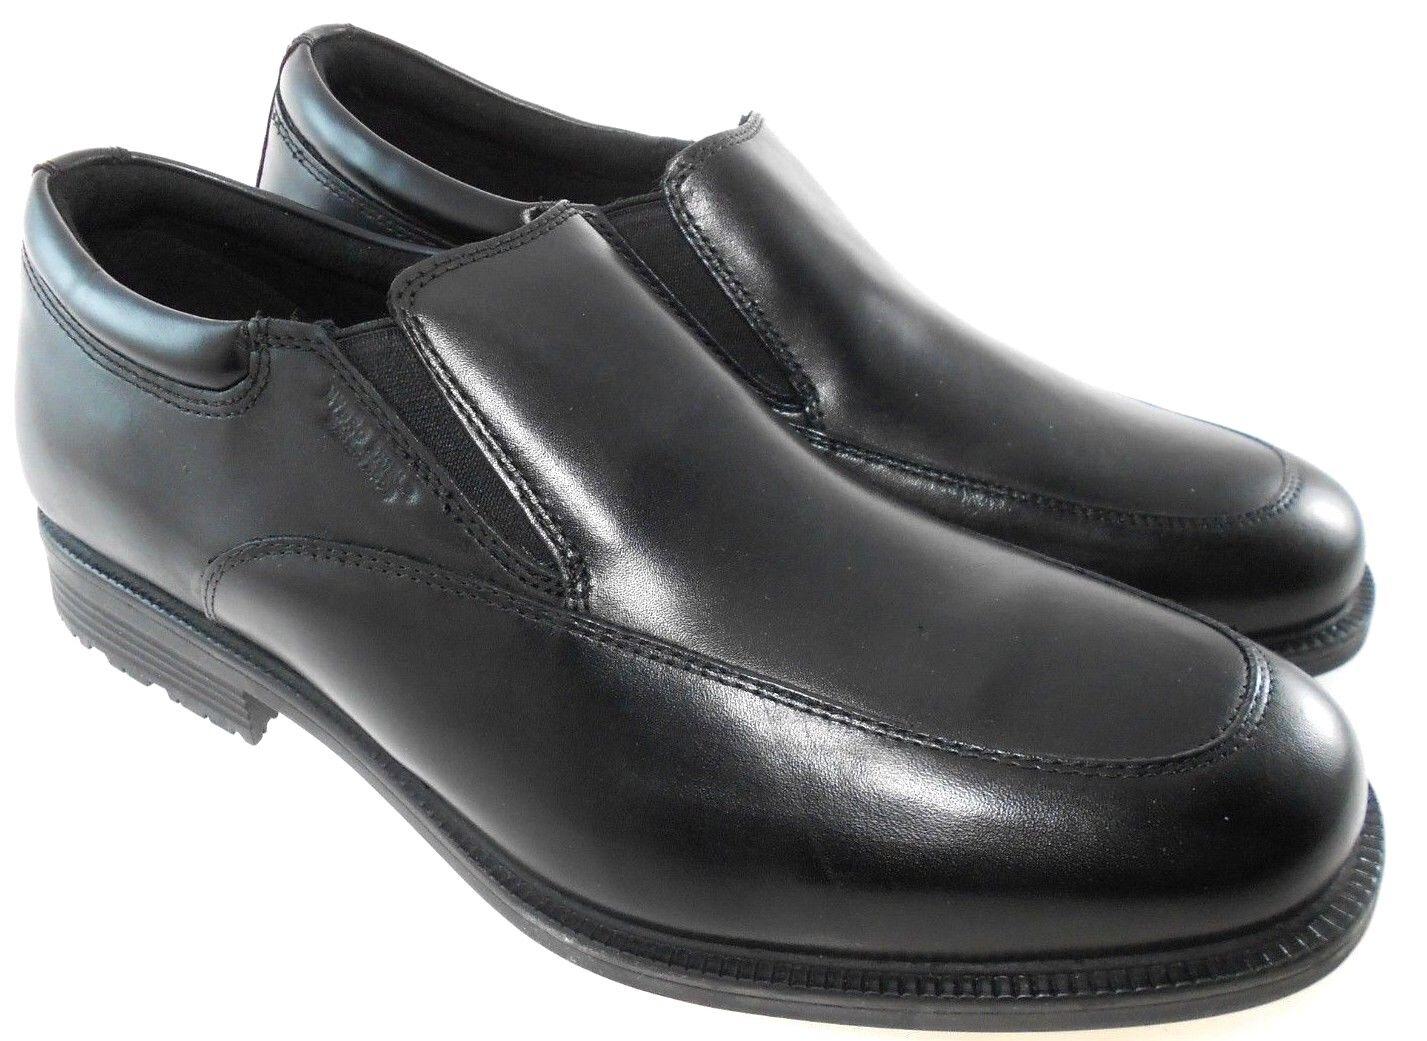 ROCKPORT SLIP ESSENTIAL DETAILS MEN'S BLACK WATERPROOF SLIP ROCKPORT ON Schuhe WIDE(W), V75100 8aba7f